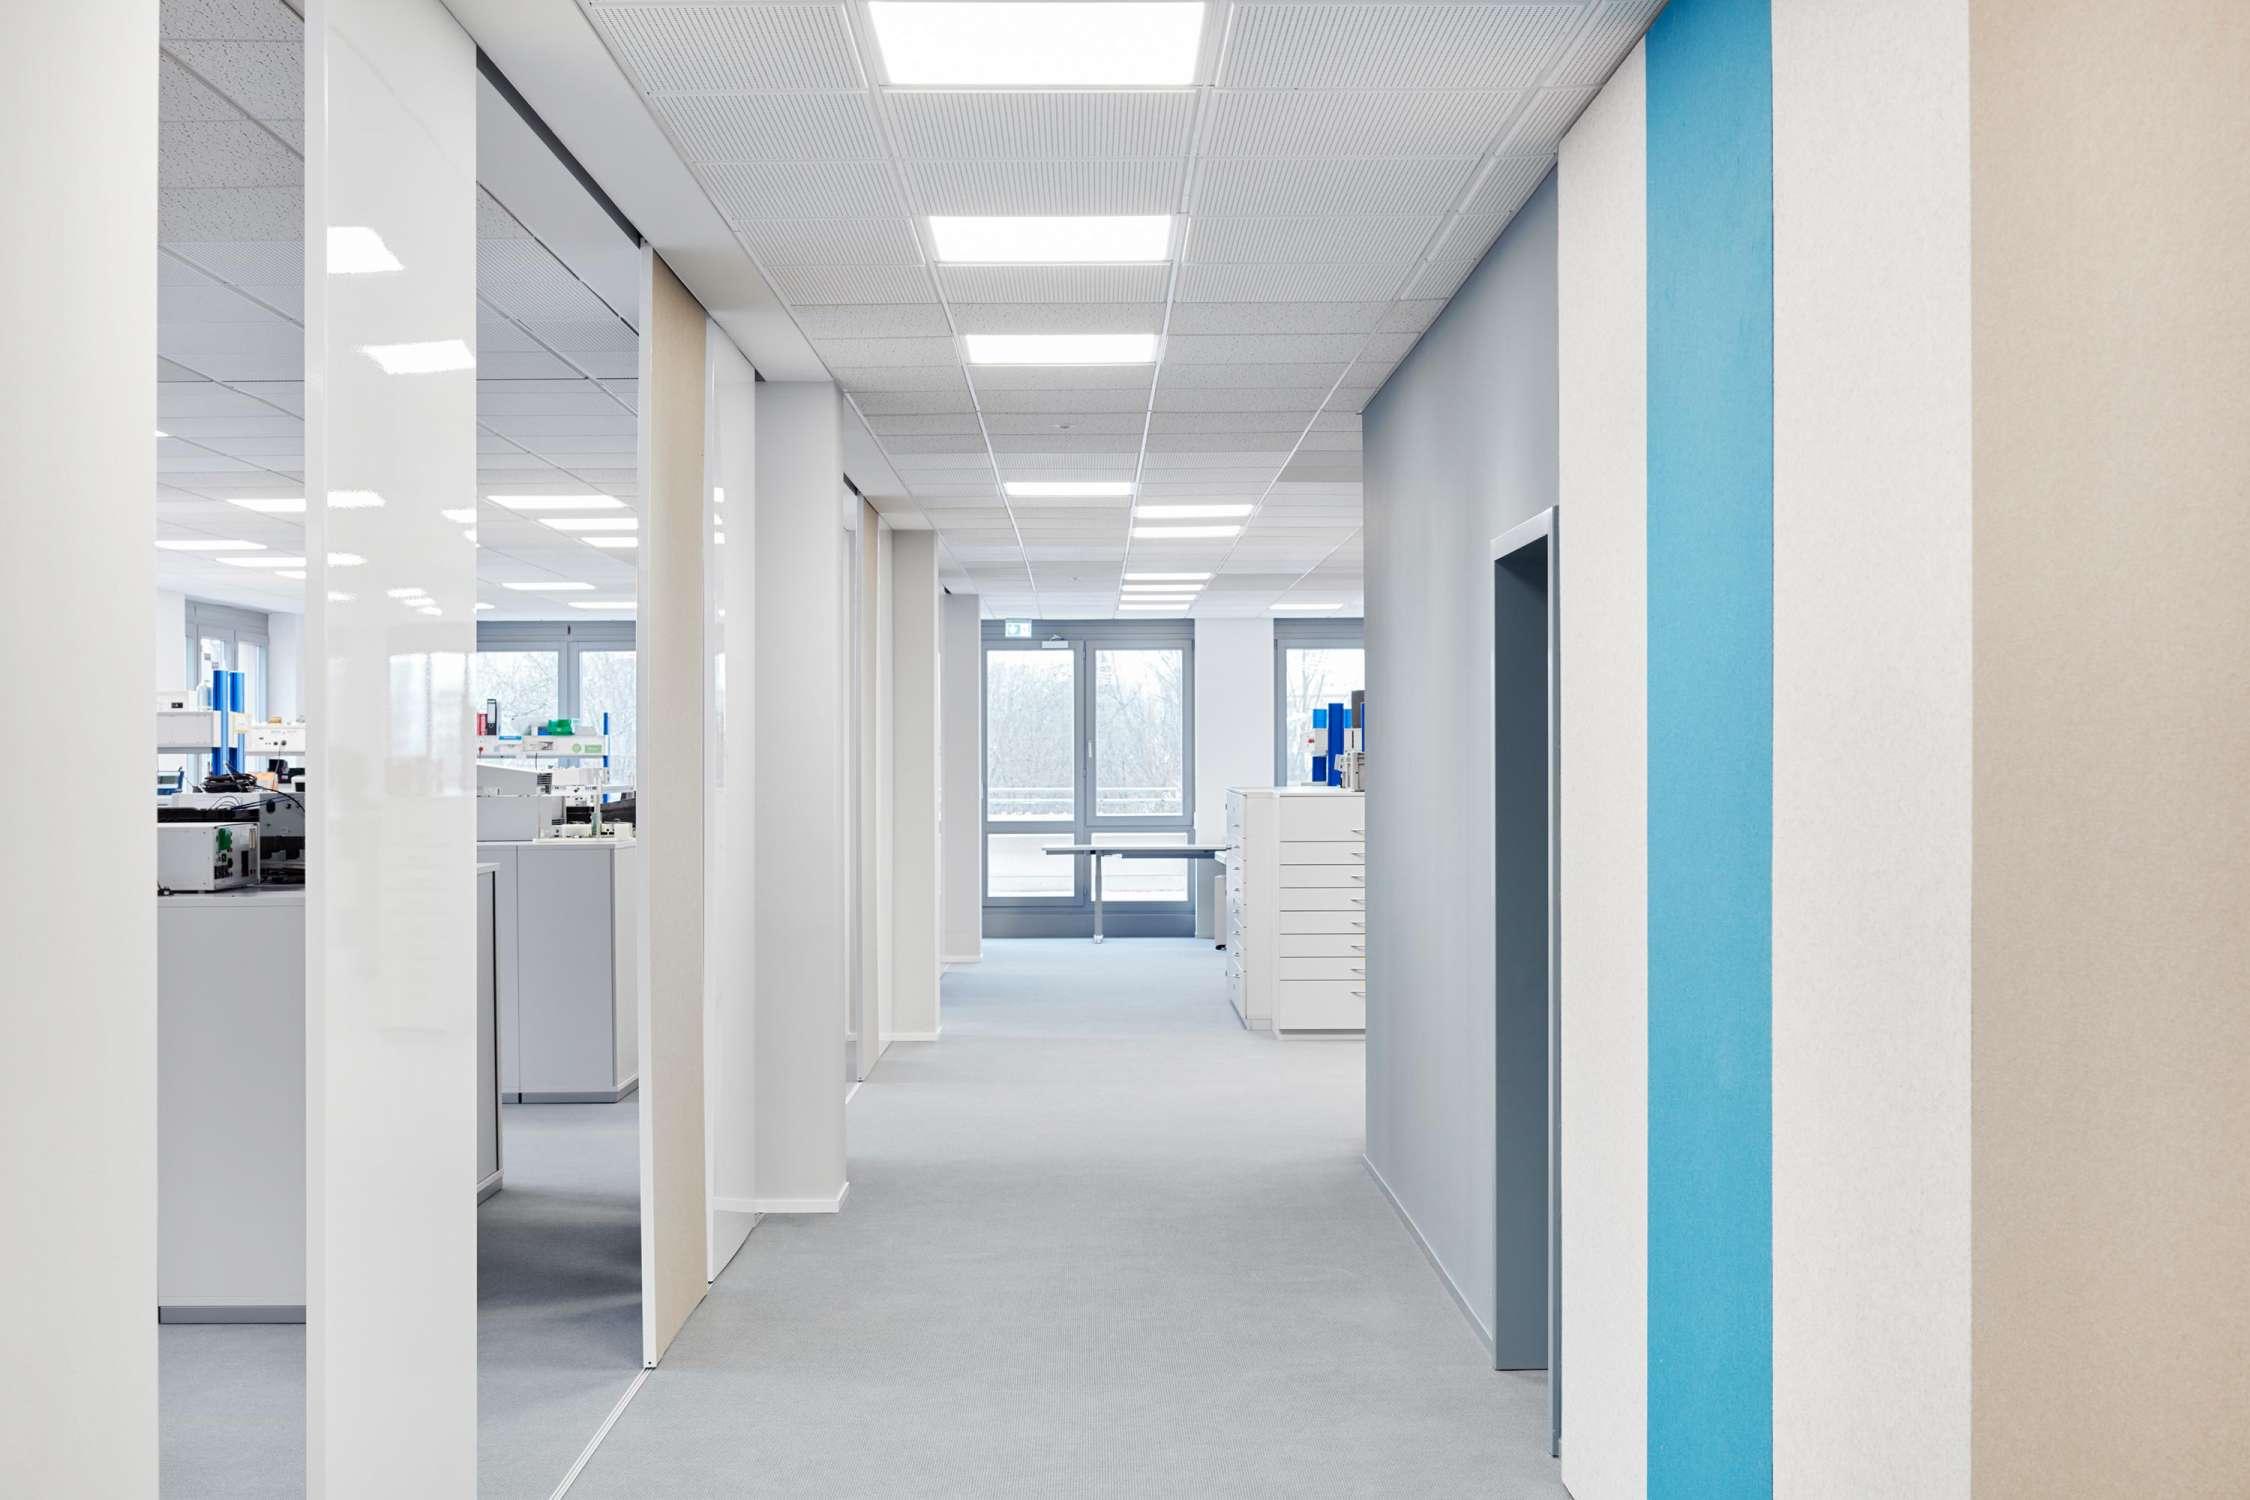 Büro- und Laborräume für Produktentwicklungsprozesse (3)